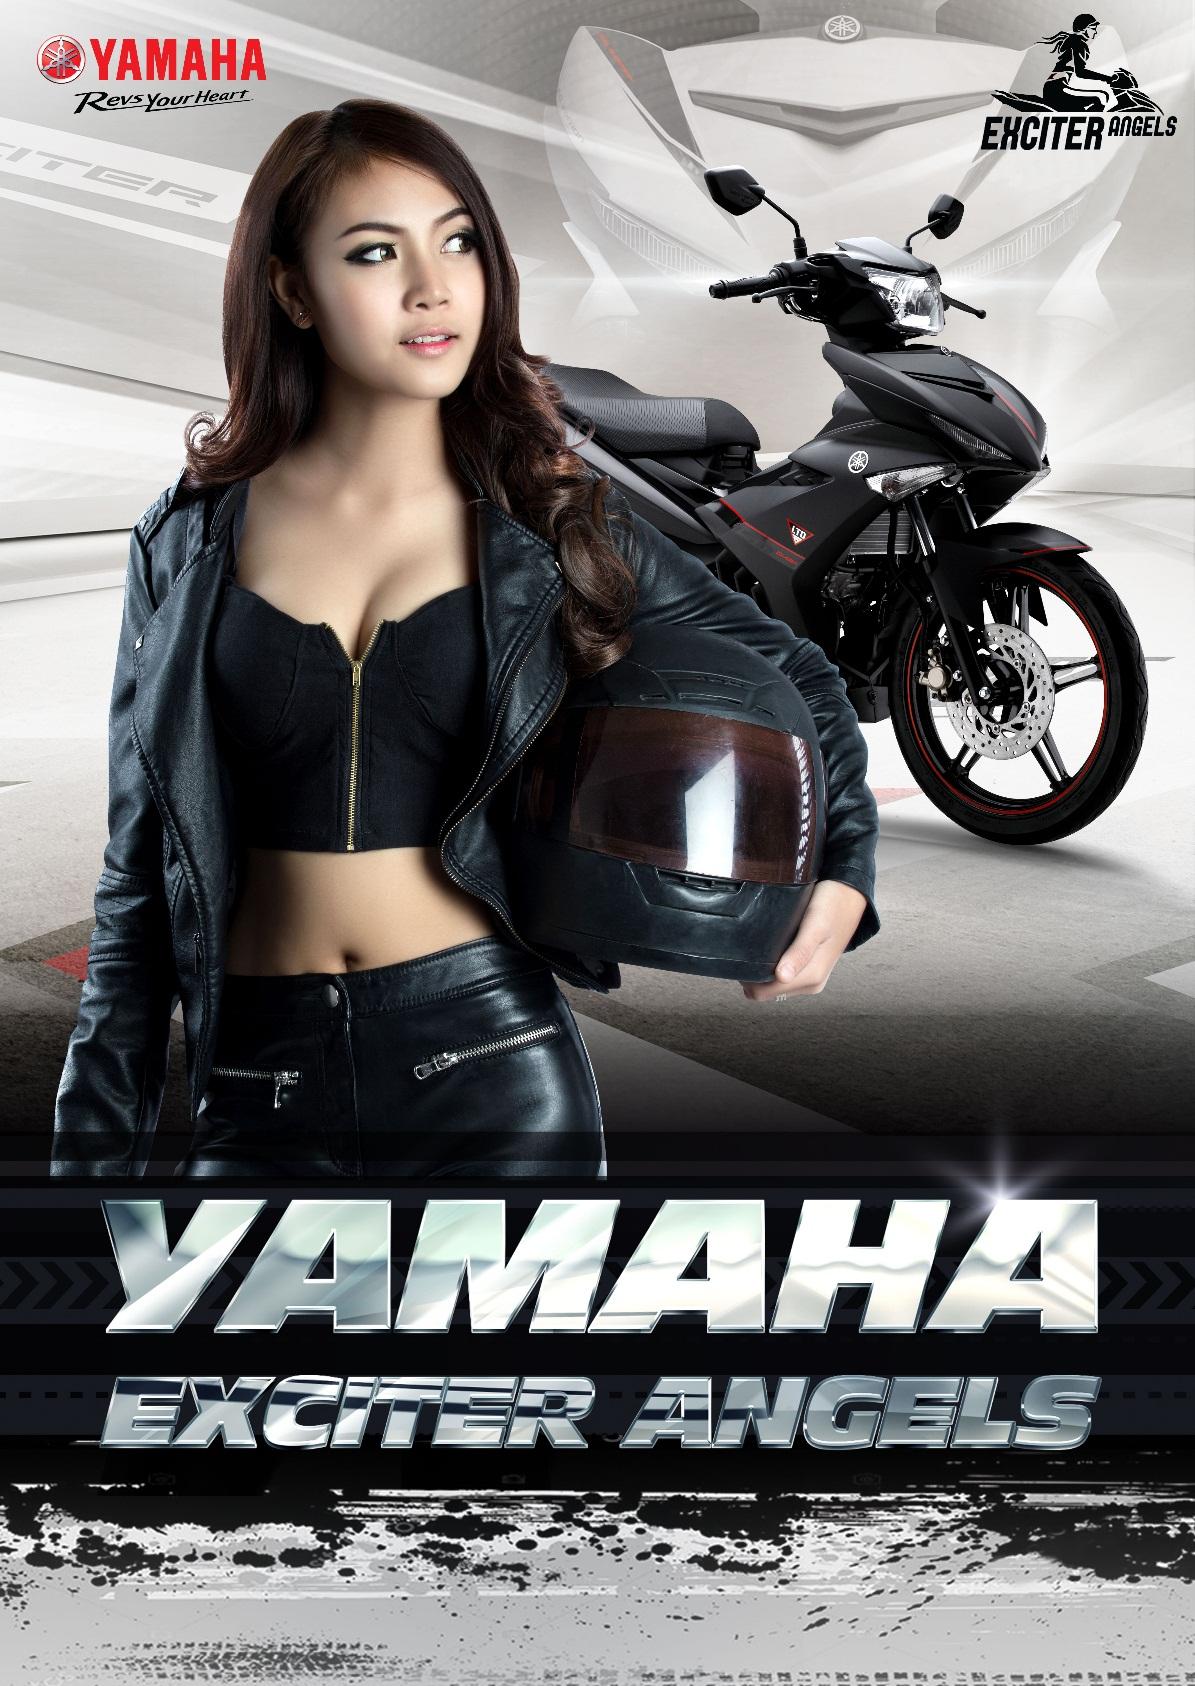 Con gái mê xe? Còn chờ gì mà không về với Yamaha Exciter Angels! - Ảnh 1.